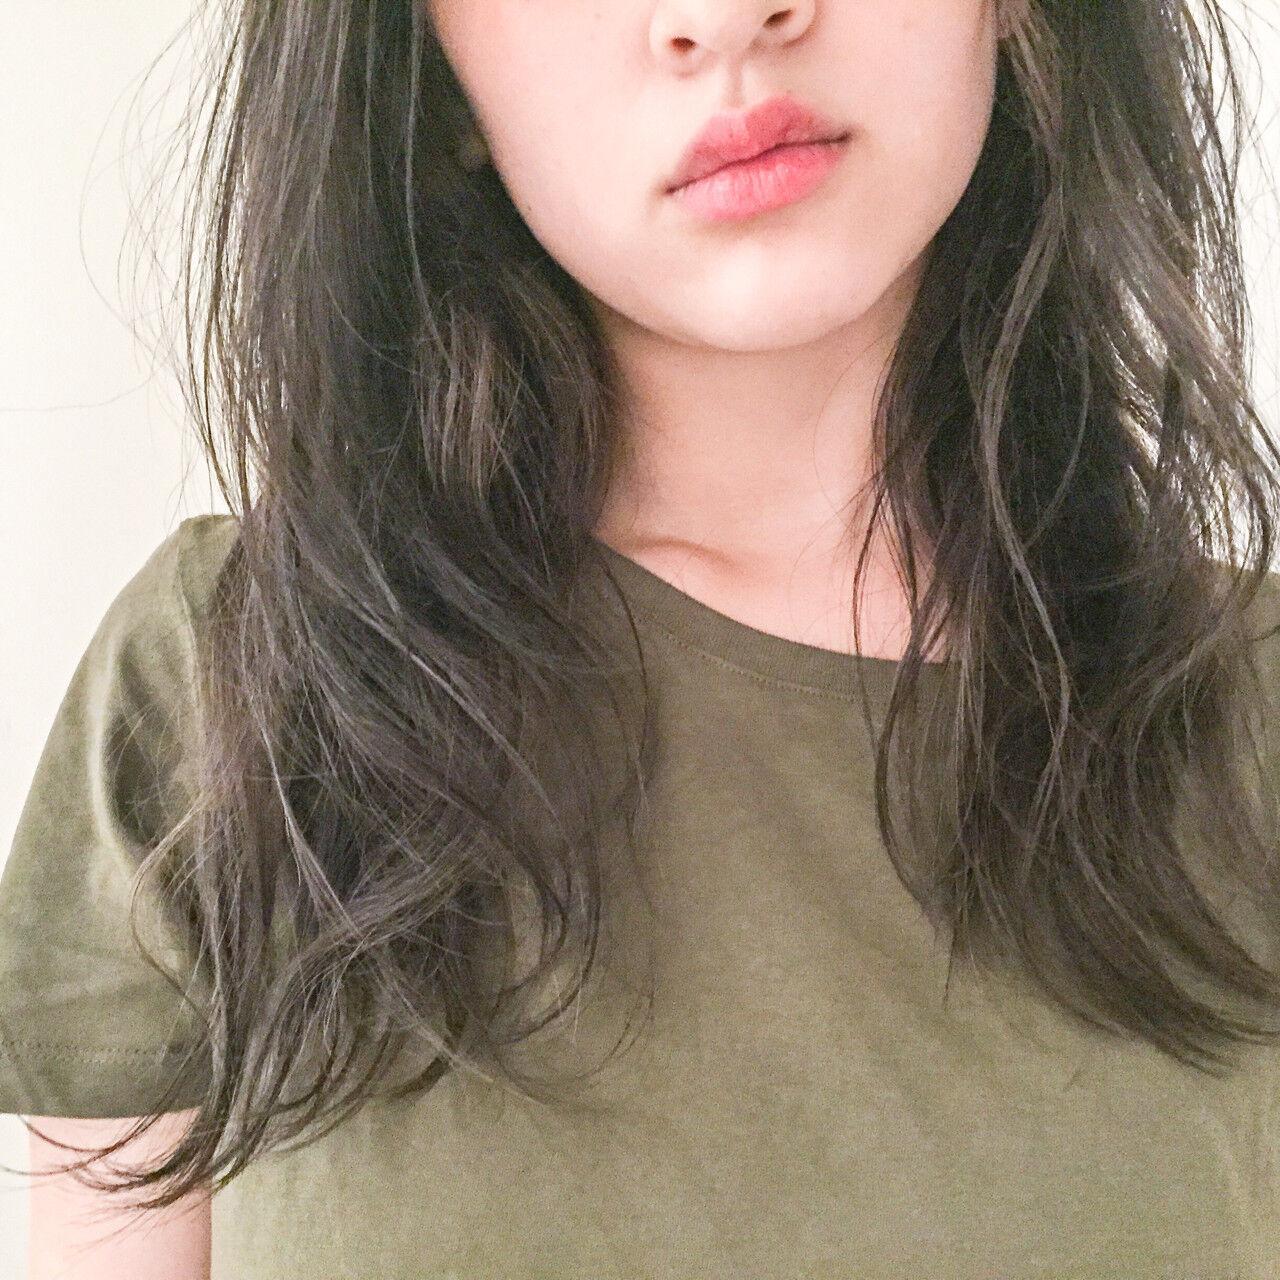 グラデーションカラー セミロング 外国人風 アッシュヘアスタイルや髪型の写真・画像